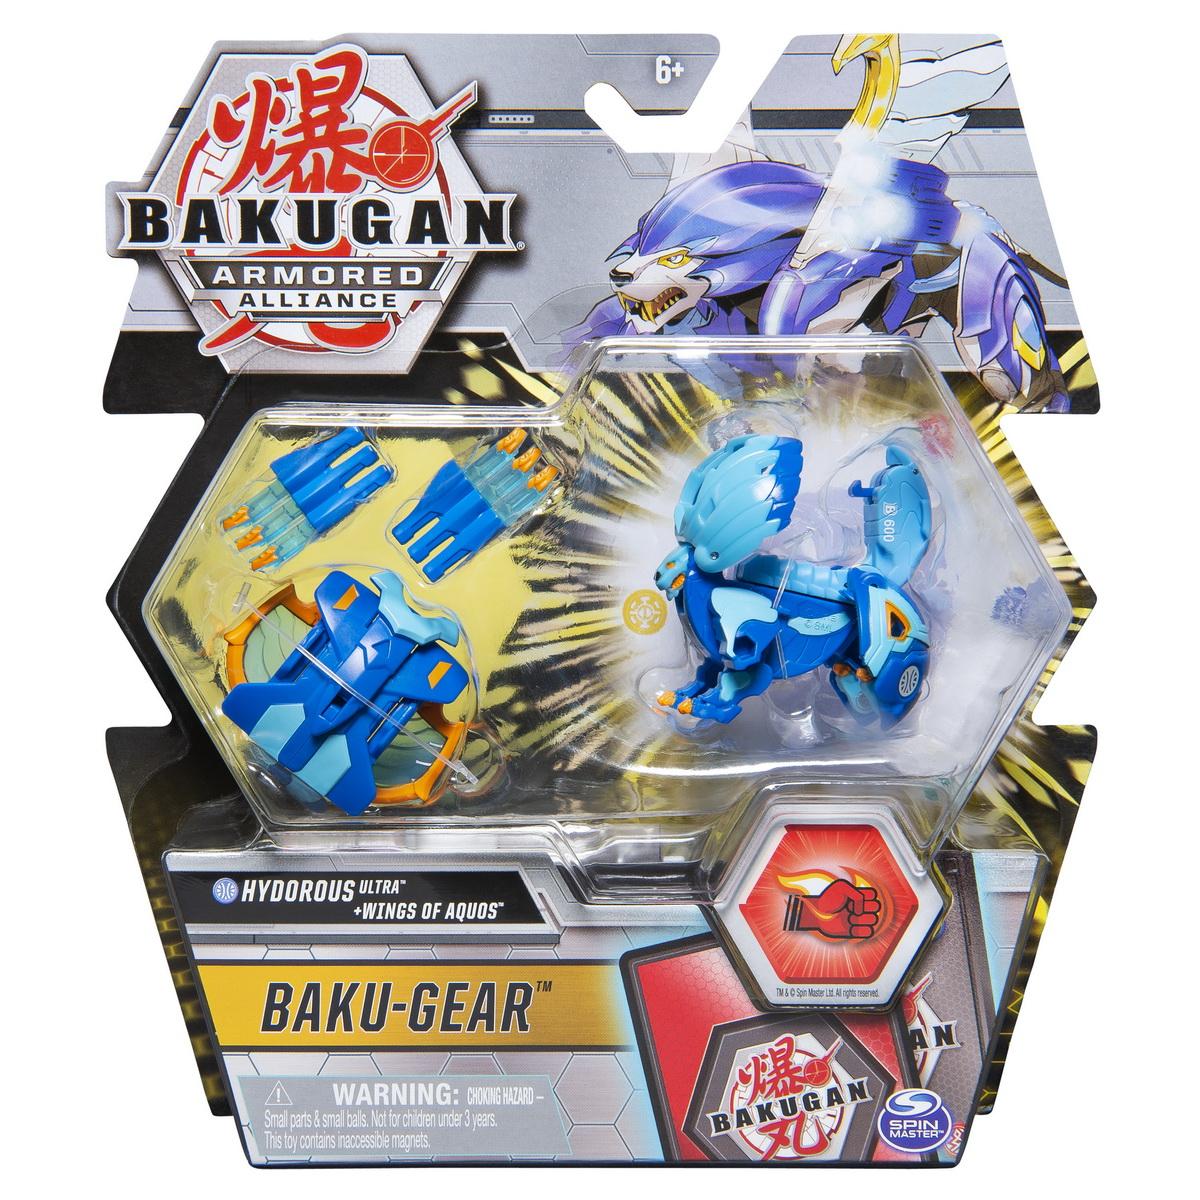 Bakugan S2 Bila Ultra Hydorous Cu Echipament Baku-gear Wings Of Aquos